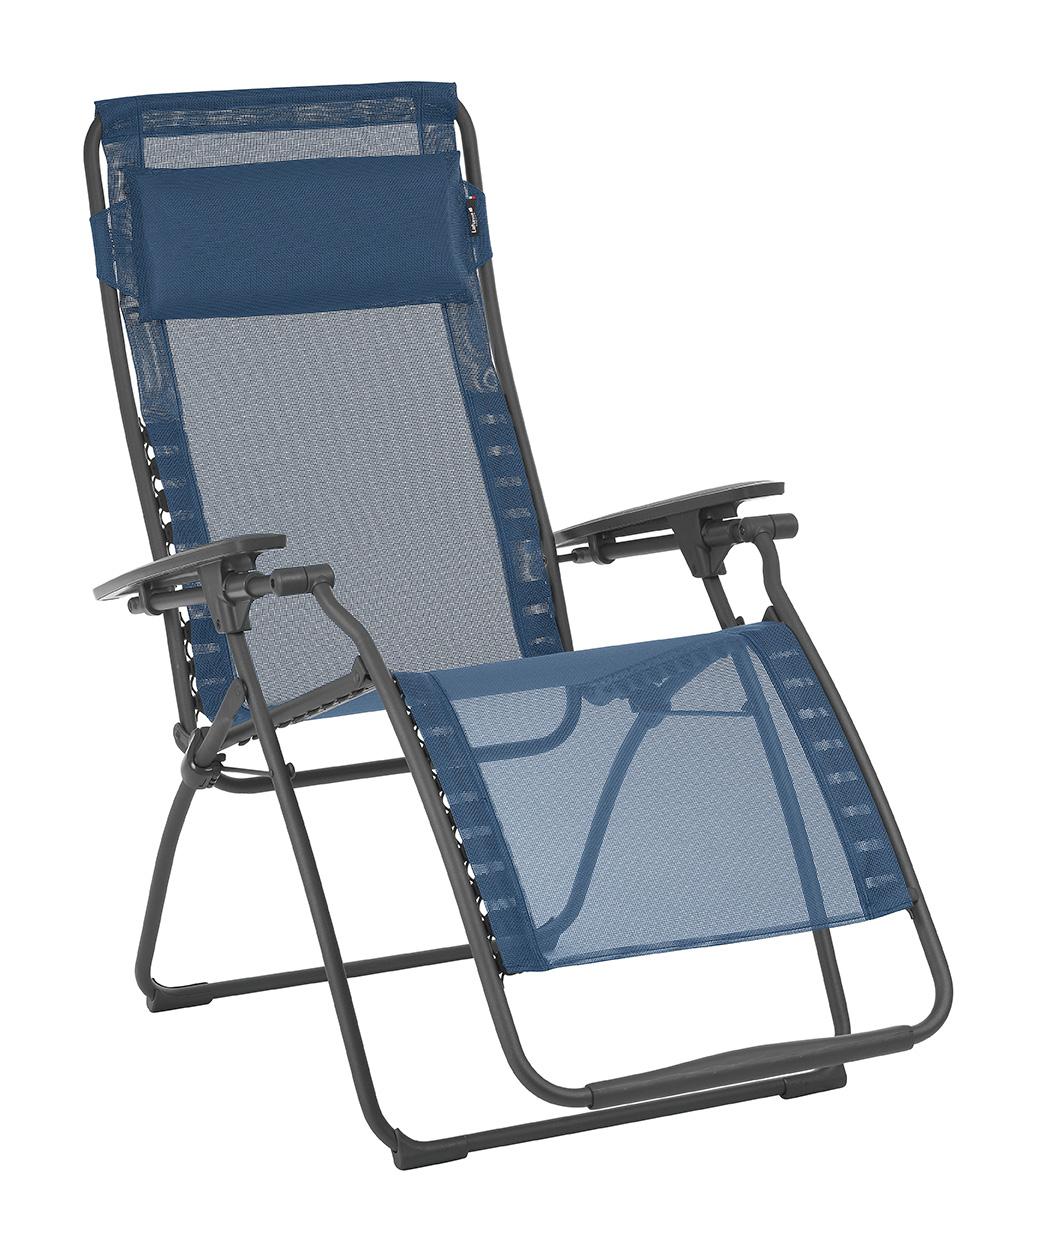 Zero Gravity Recliner - Basalt Steel Frame - Ocean Fabric